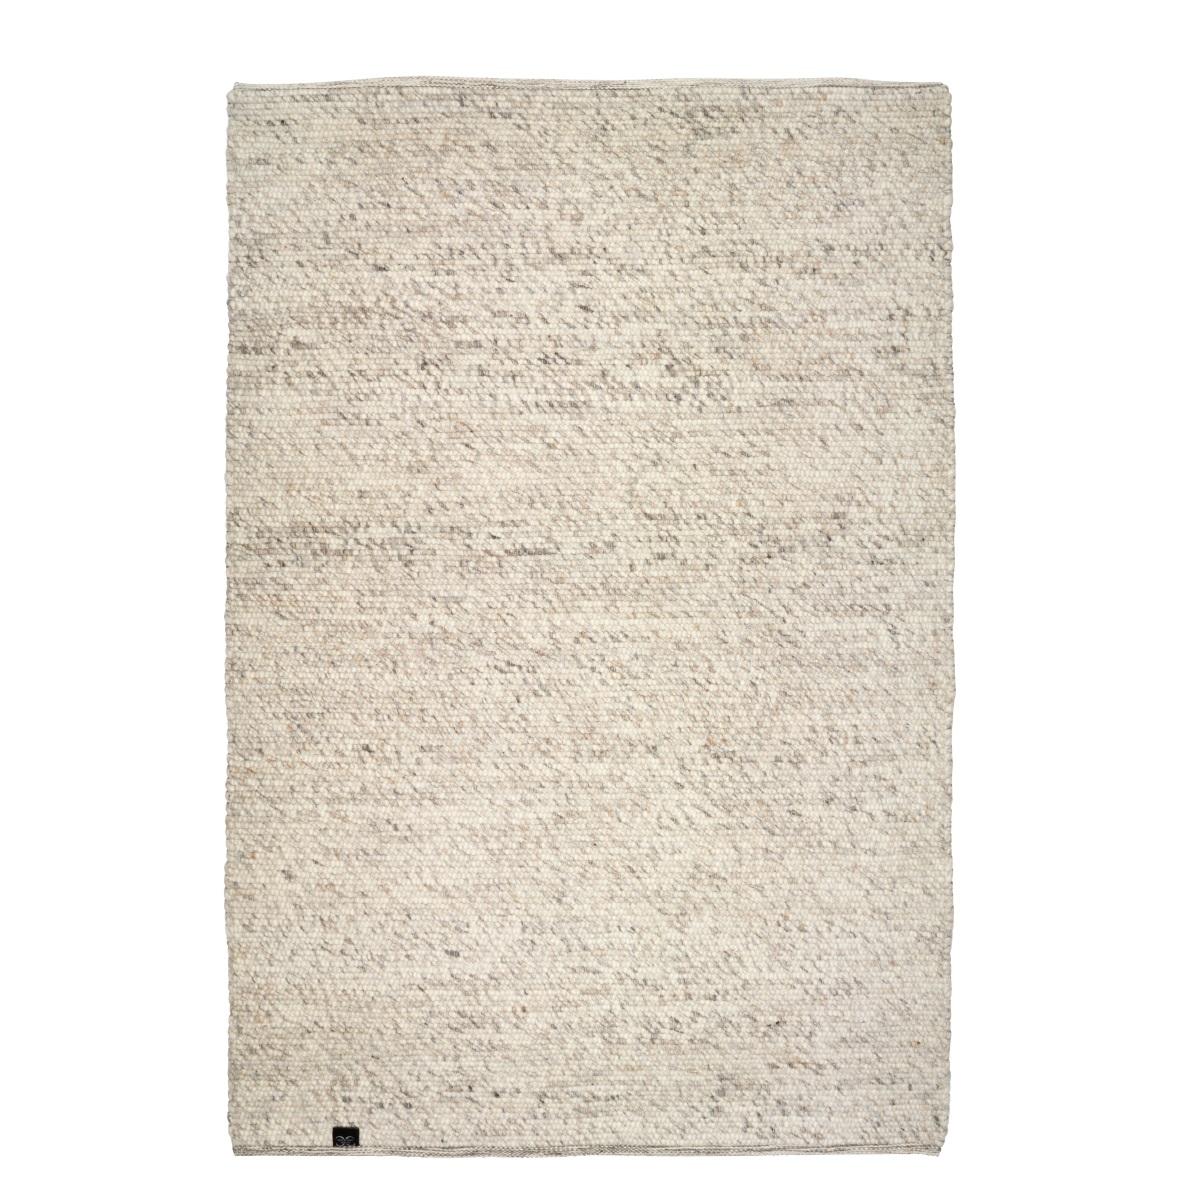 Ullmatta Merino beige 170x230, Classic Collection